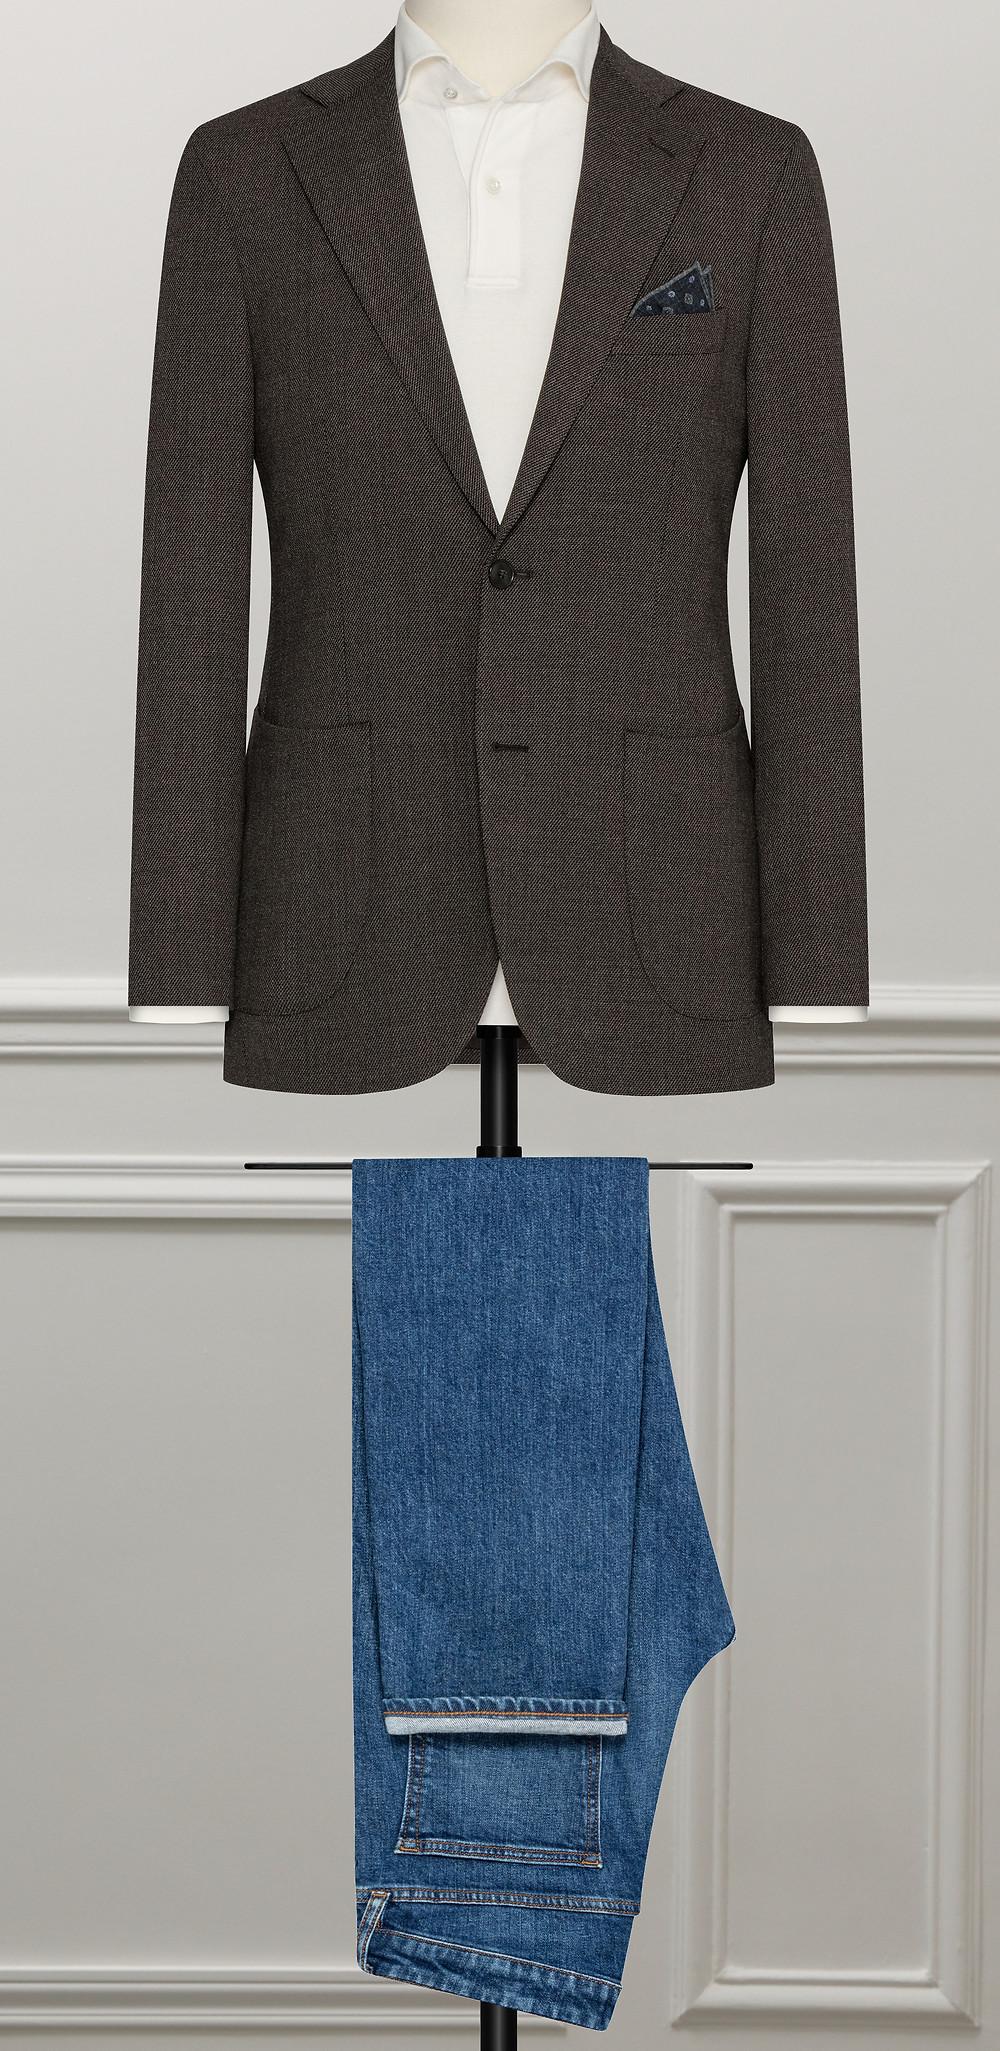 veste décontractée, smart casual, soft tailoring, casual, veste sur mesure